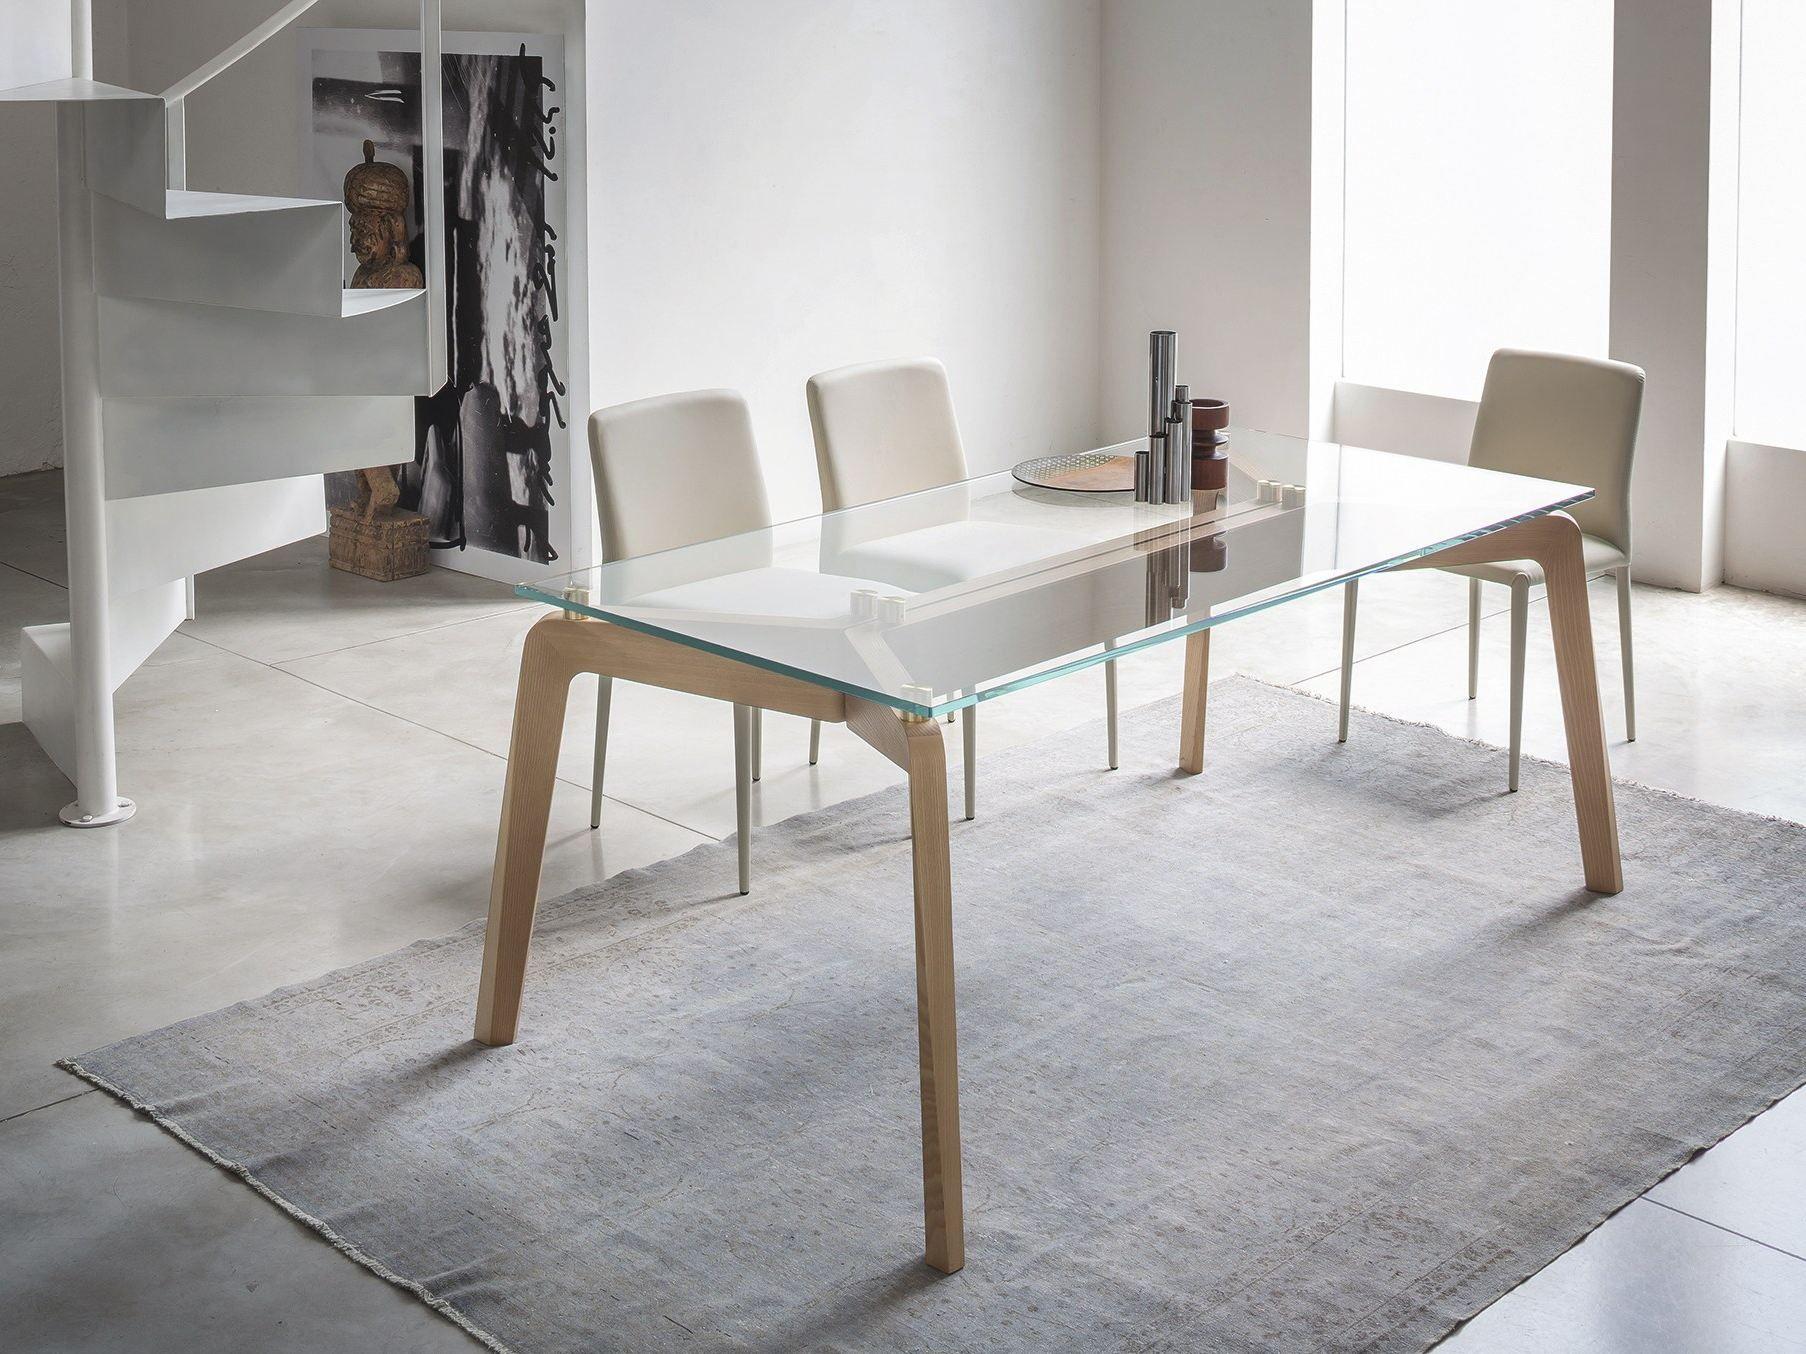 Glide tavolo rettangolare by riflessi design egidio panzera for Tavolo riflessi living